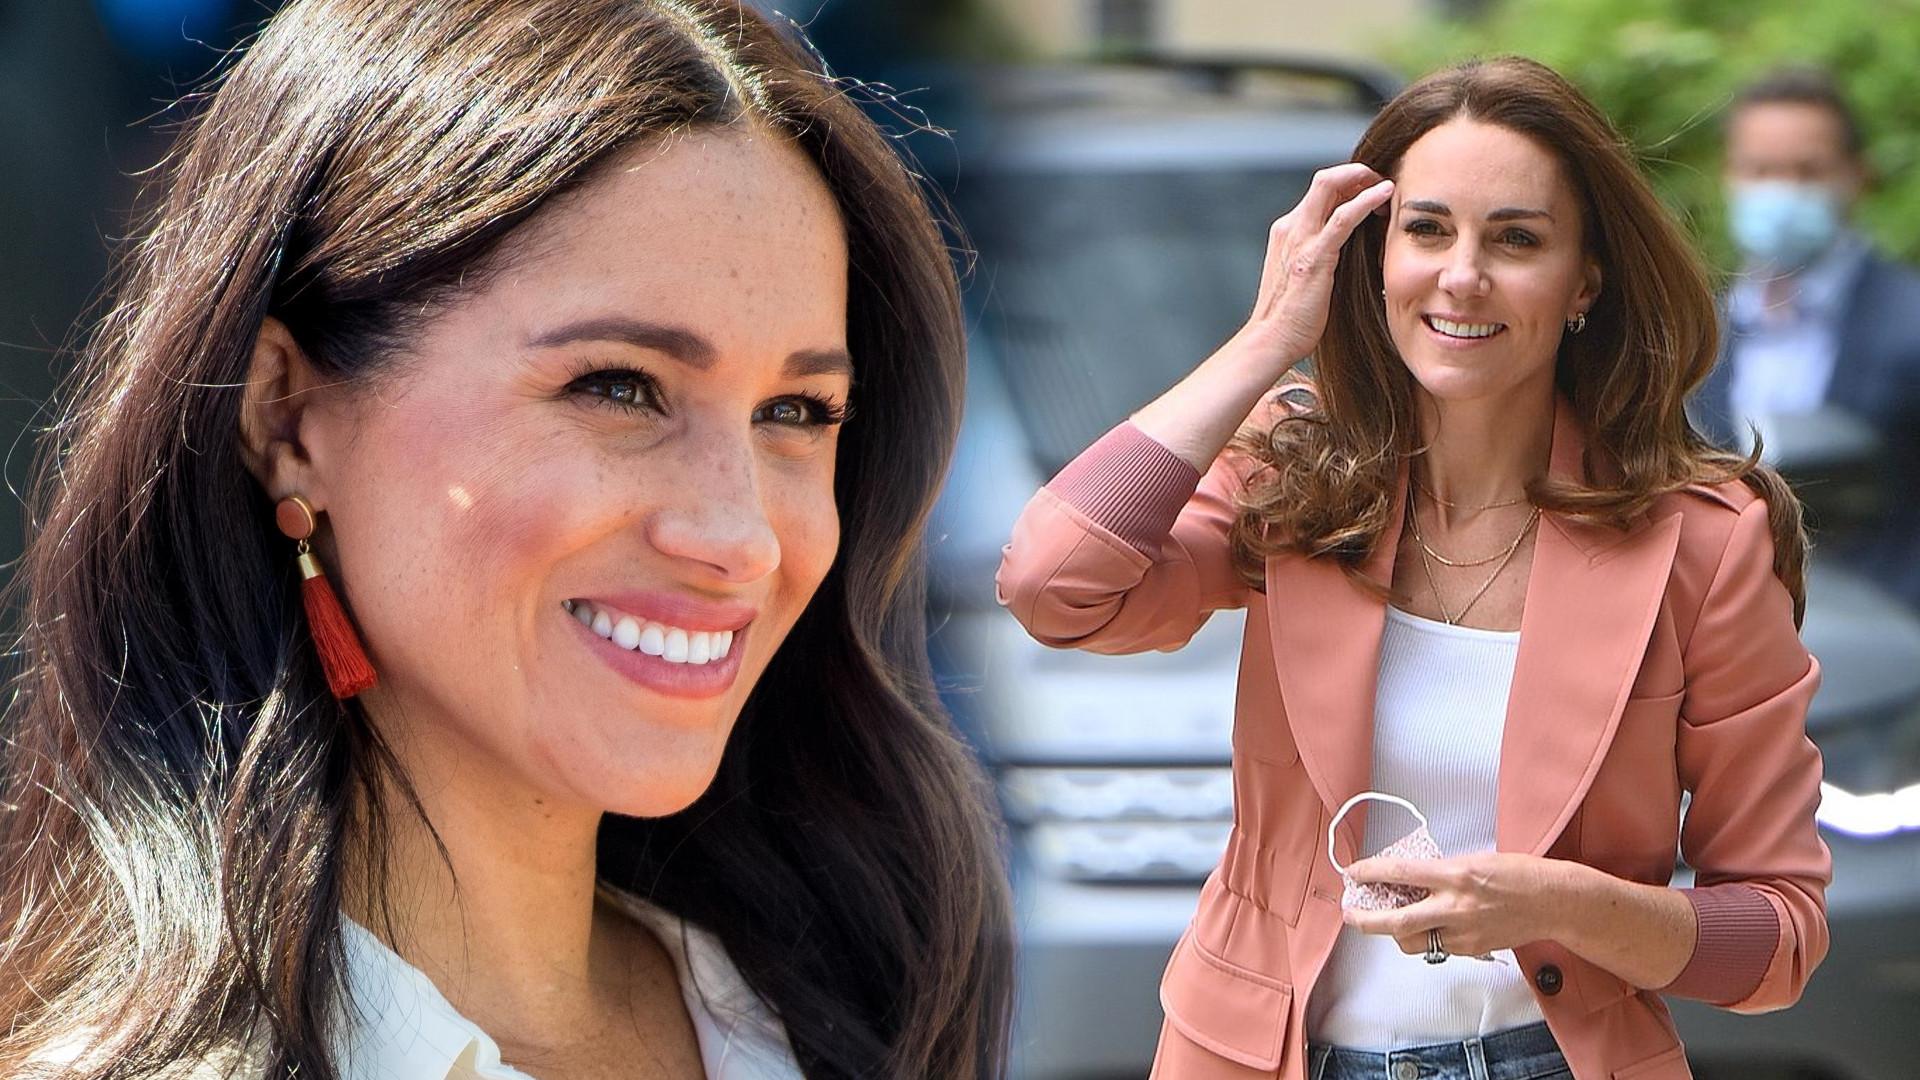 Księżna Kate próbuje zbliżyć się do Meghan Markle. Tak nakazuje jej PAŁAC